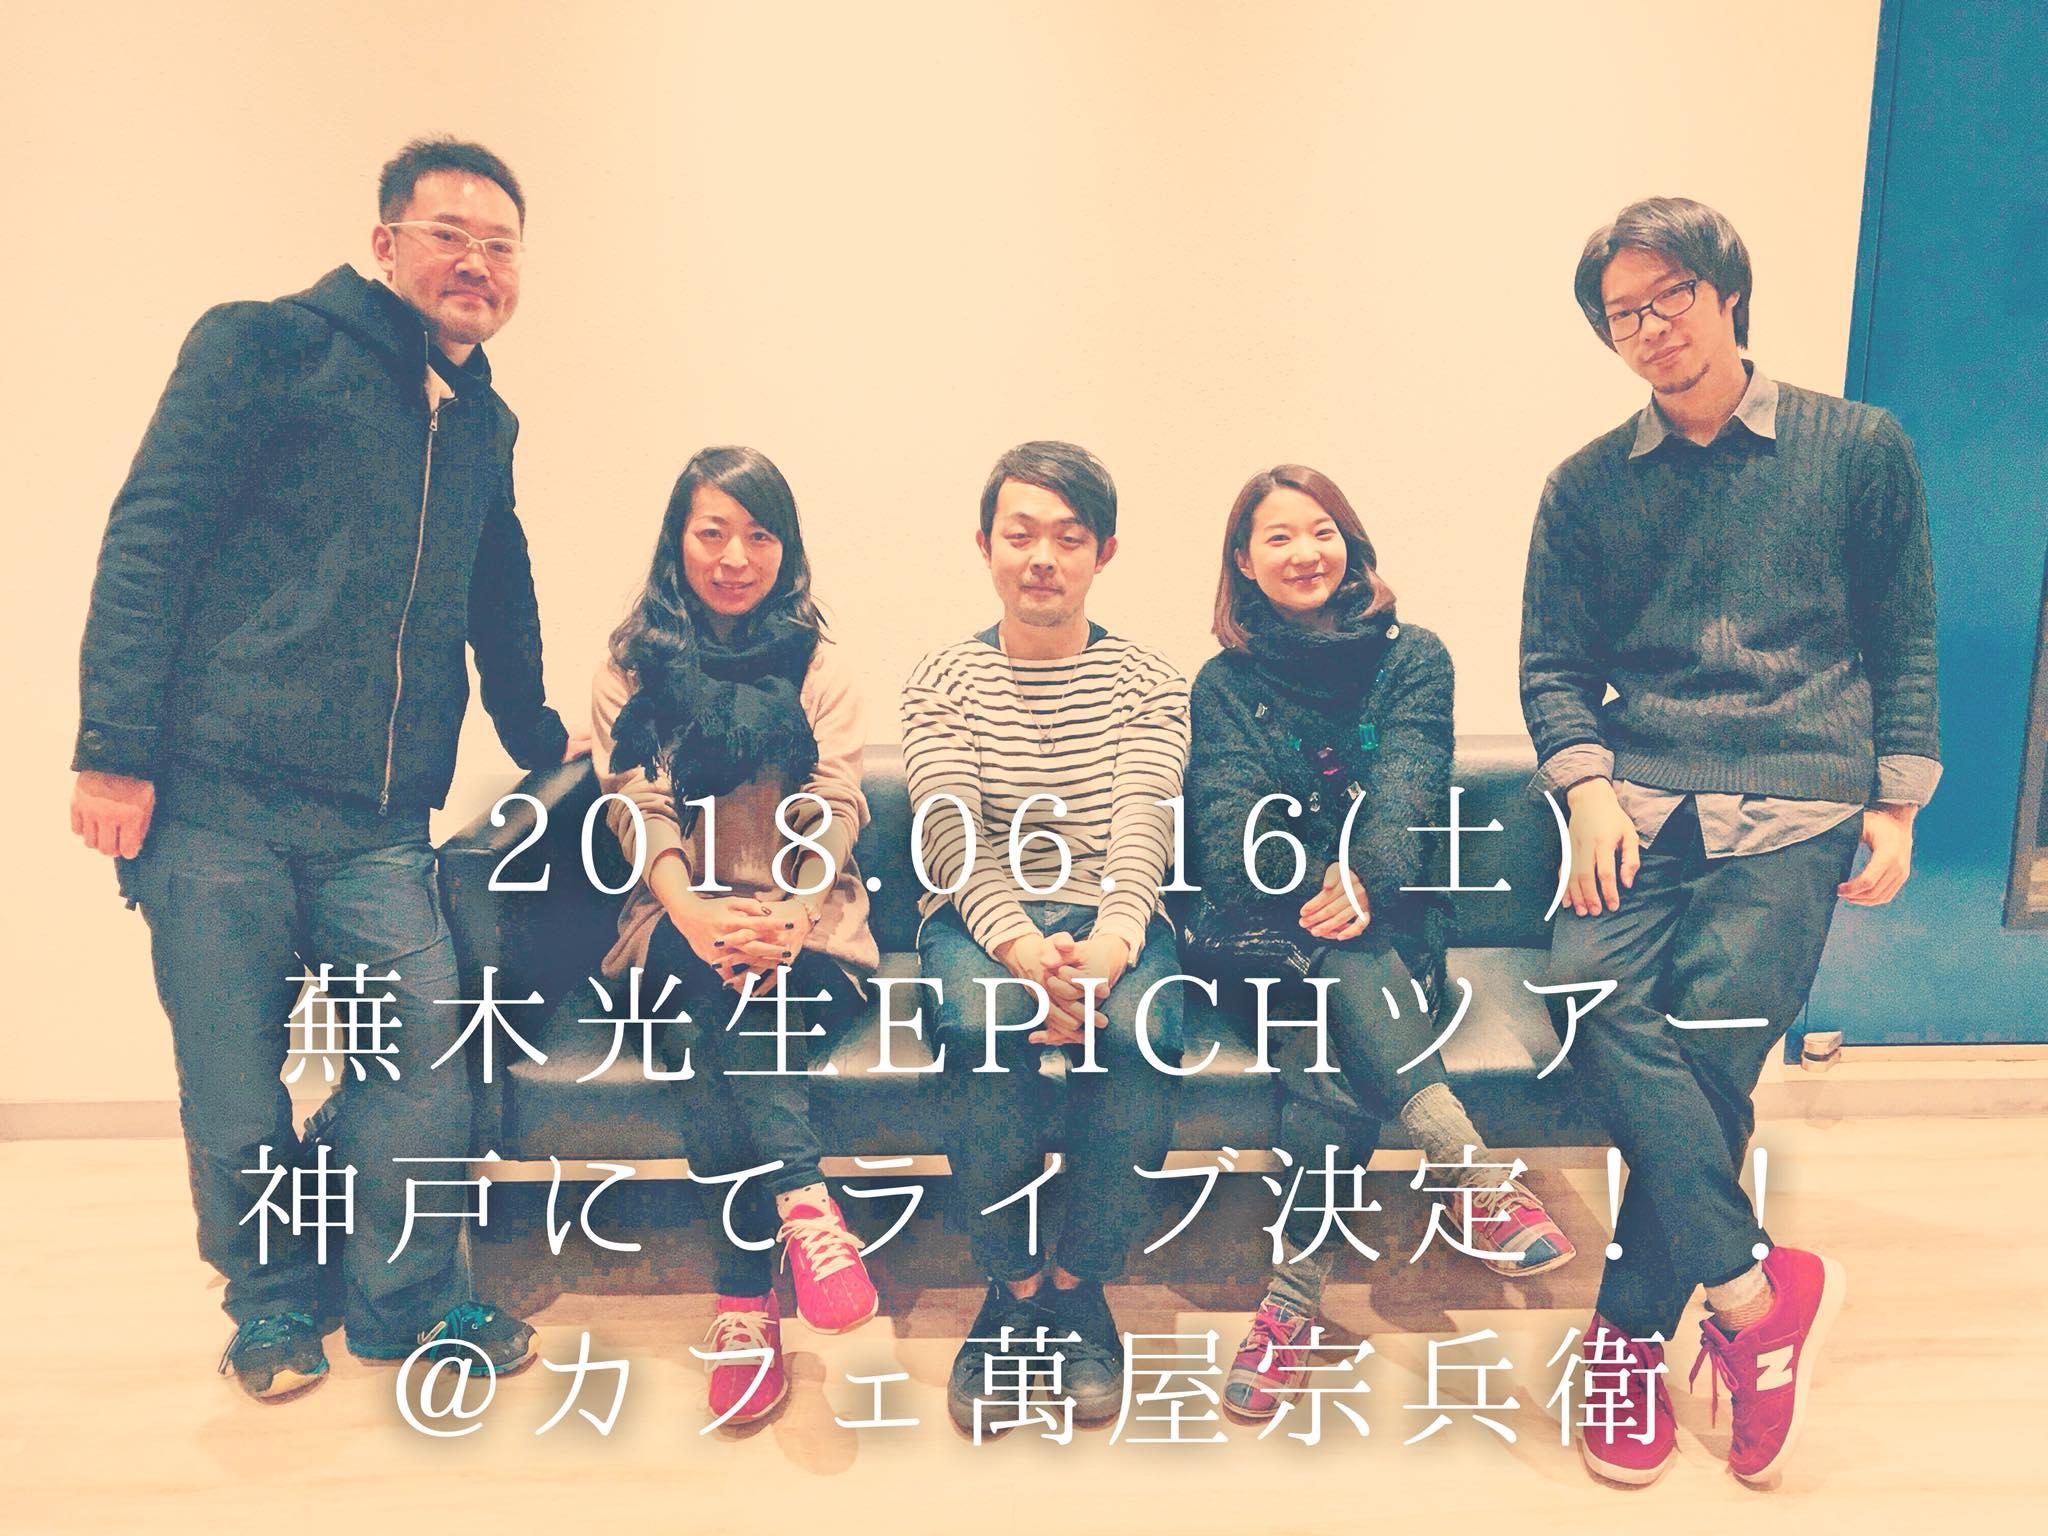 蕪木光生EPICH.jpg